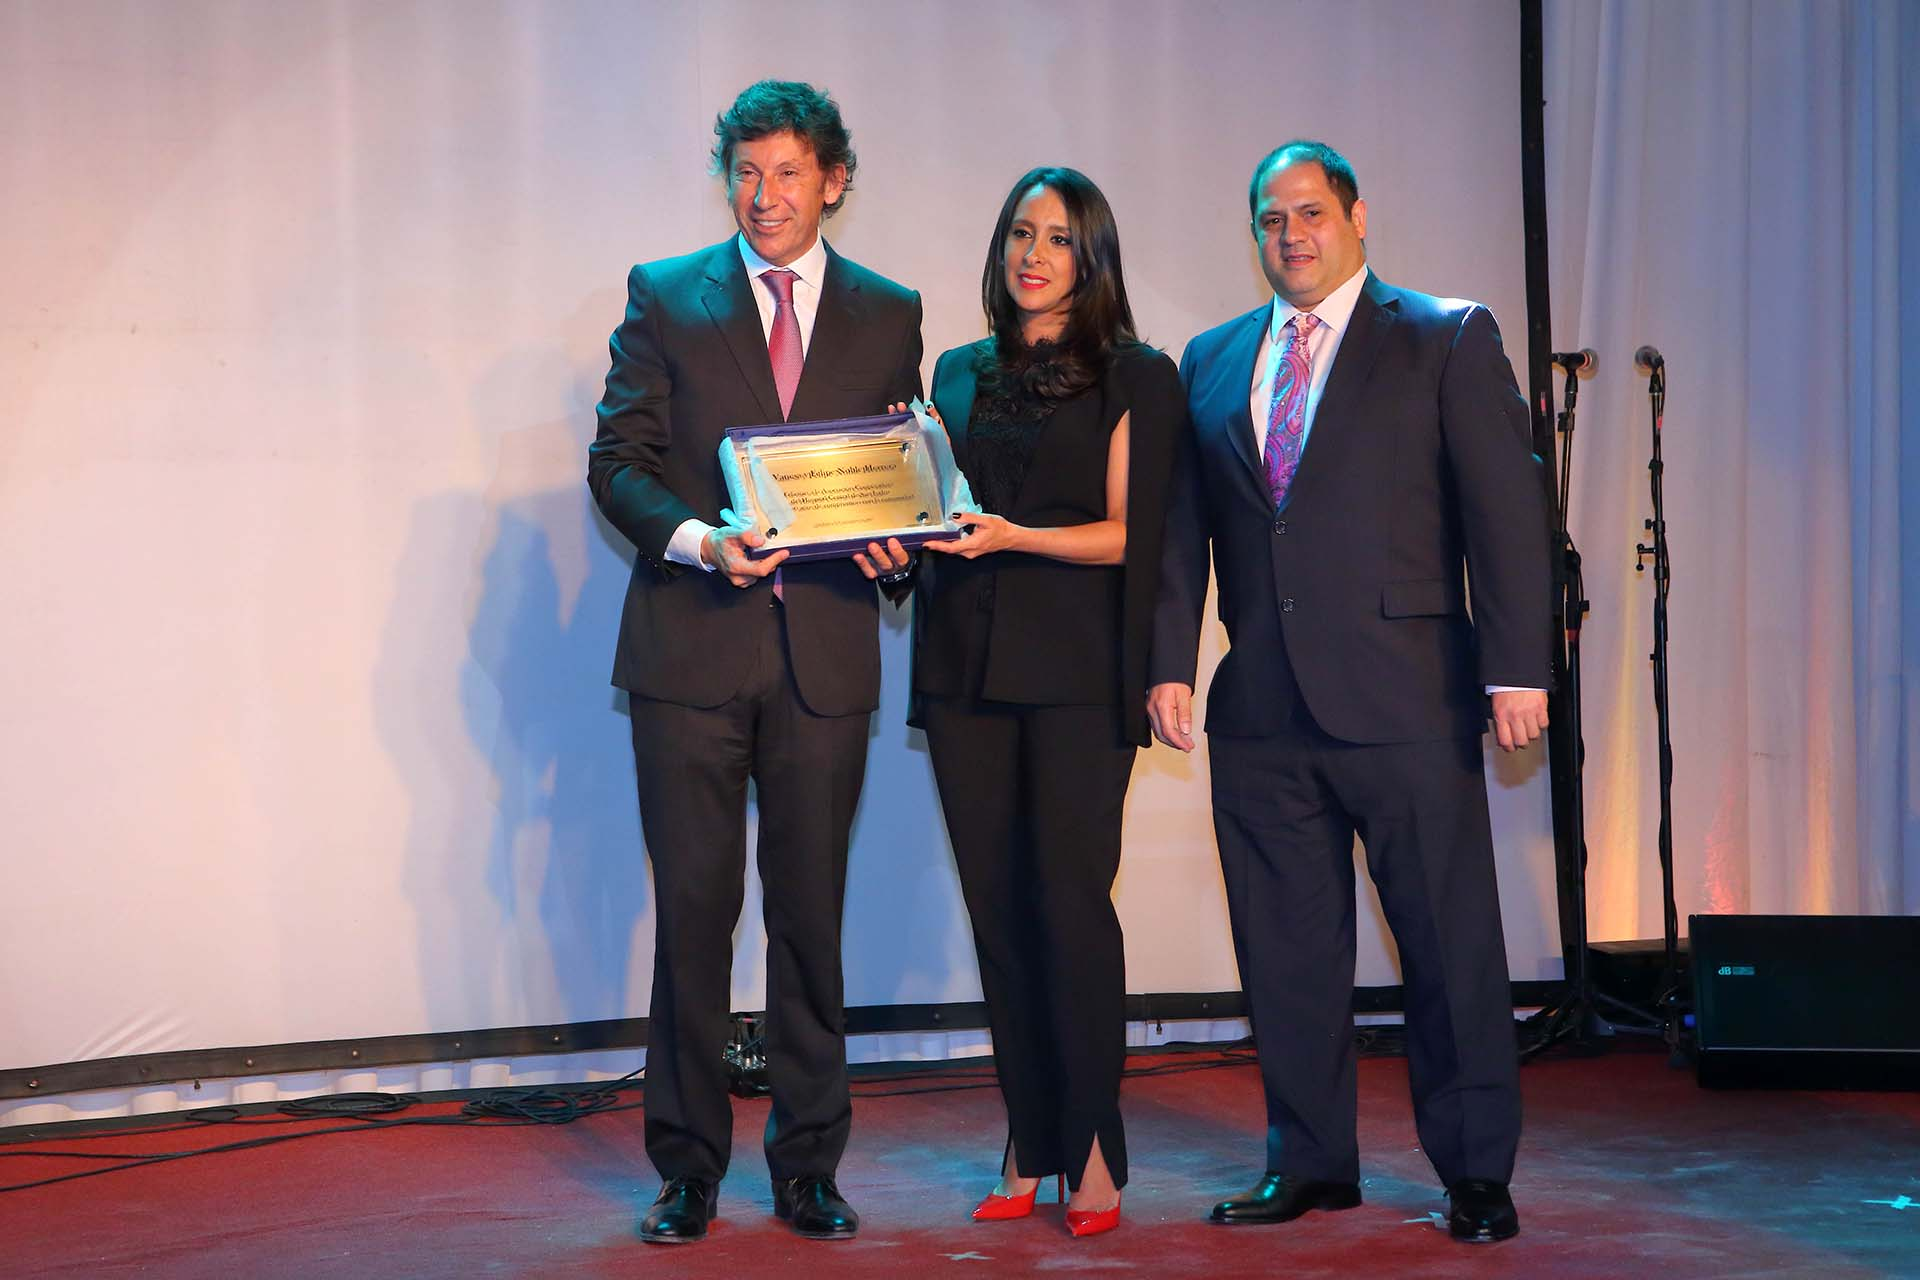 Vanesa y Felipe Noble Herrera entregaron un reconocimiento por el 60° aniversario de la Cooperadora del Hospital